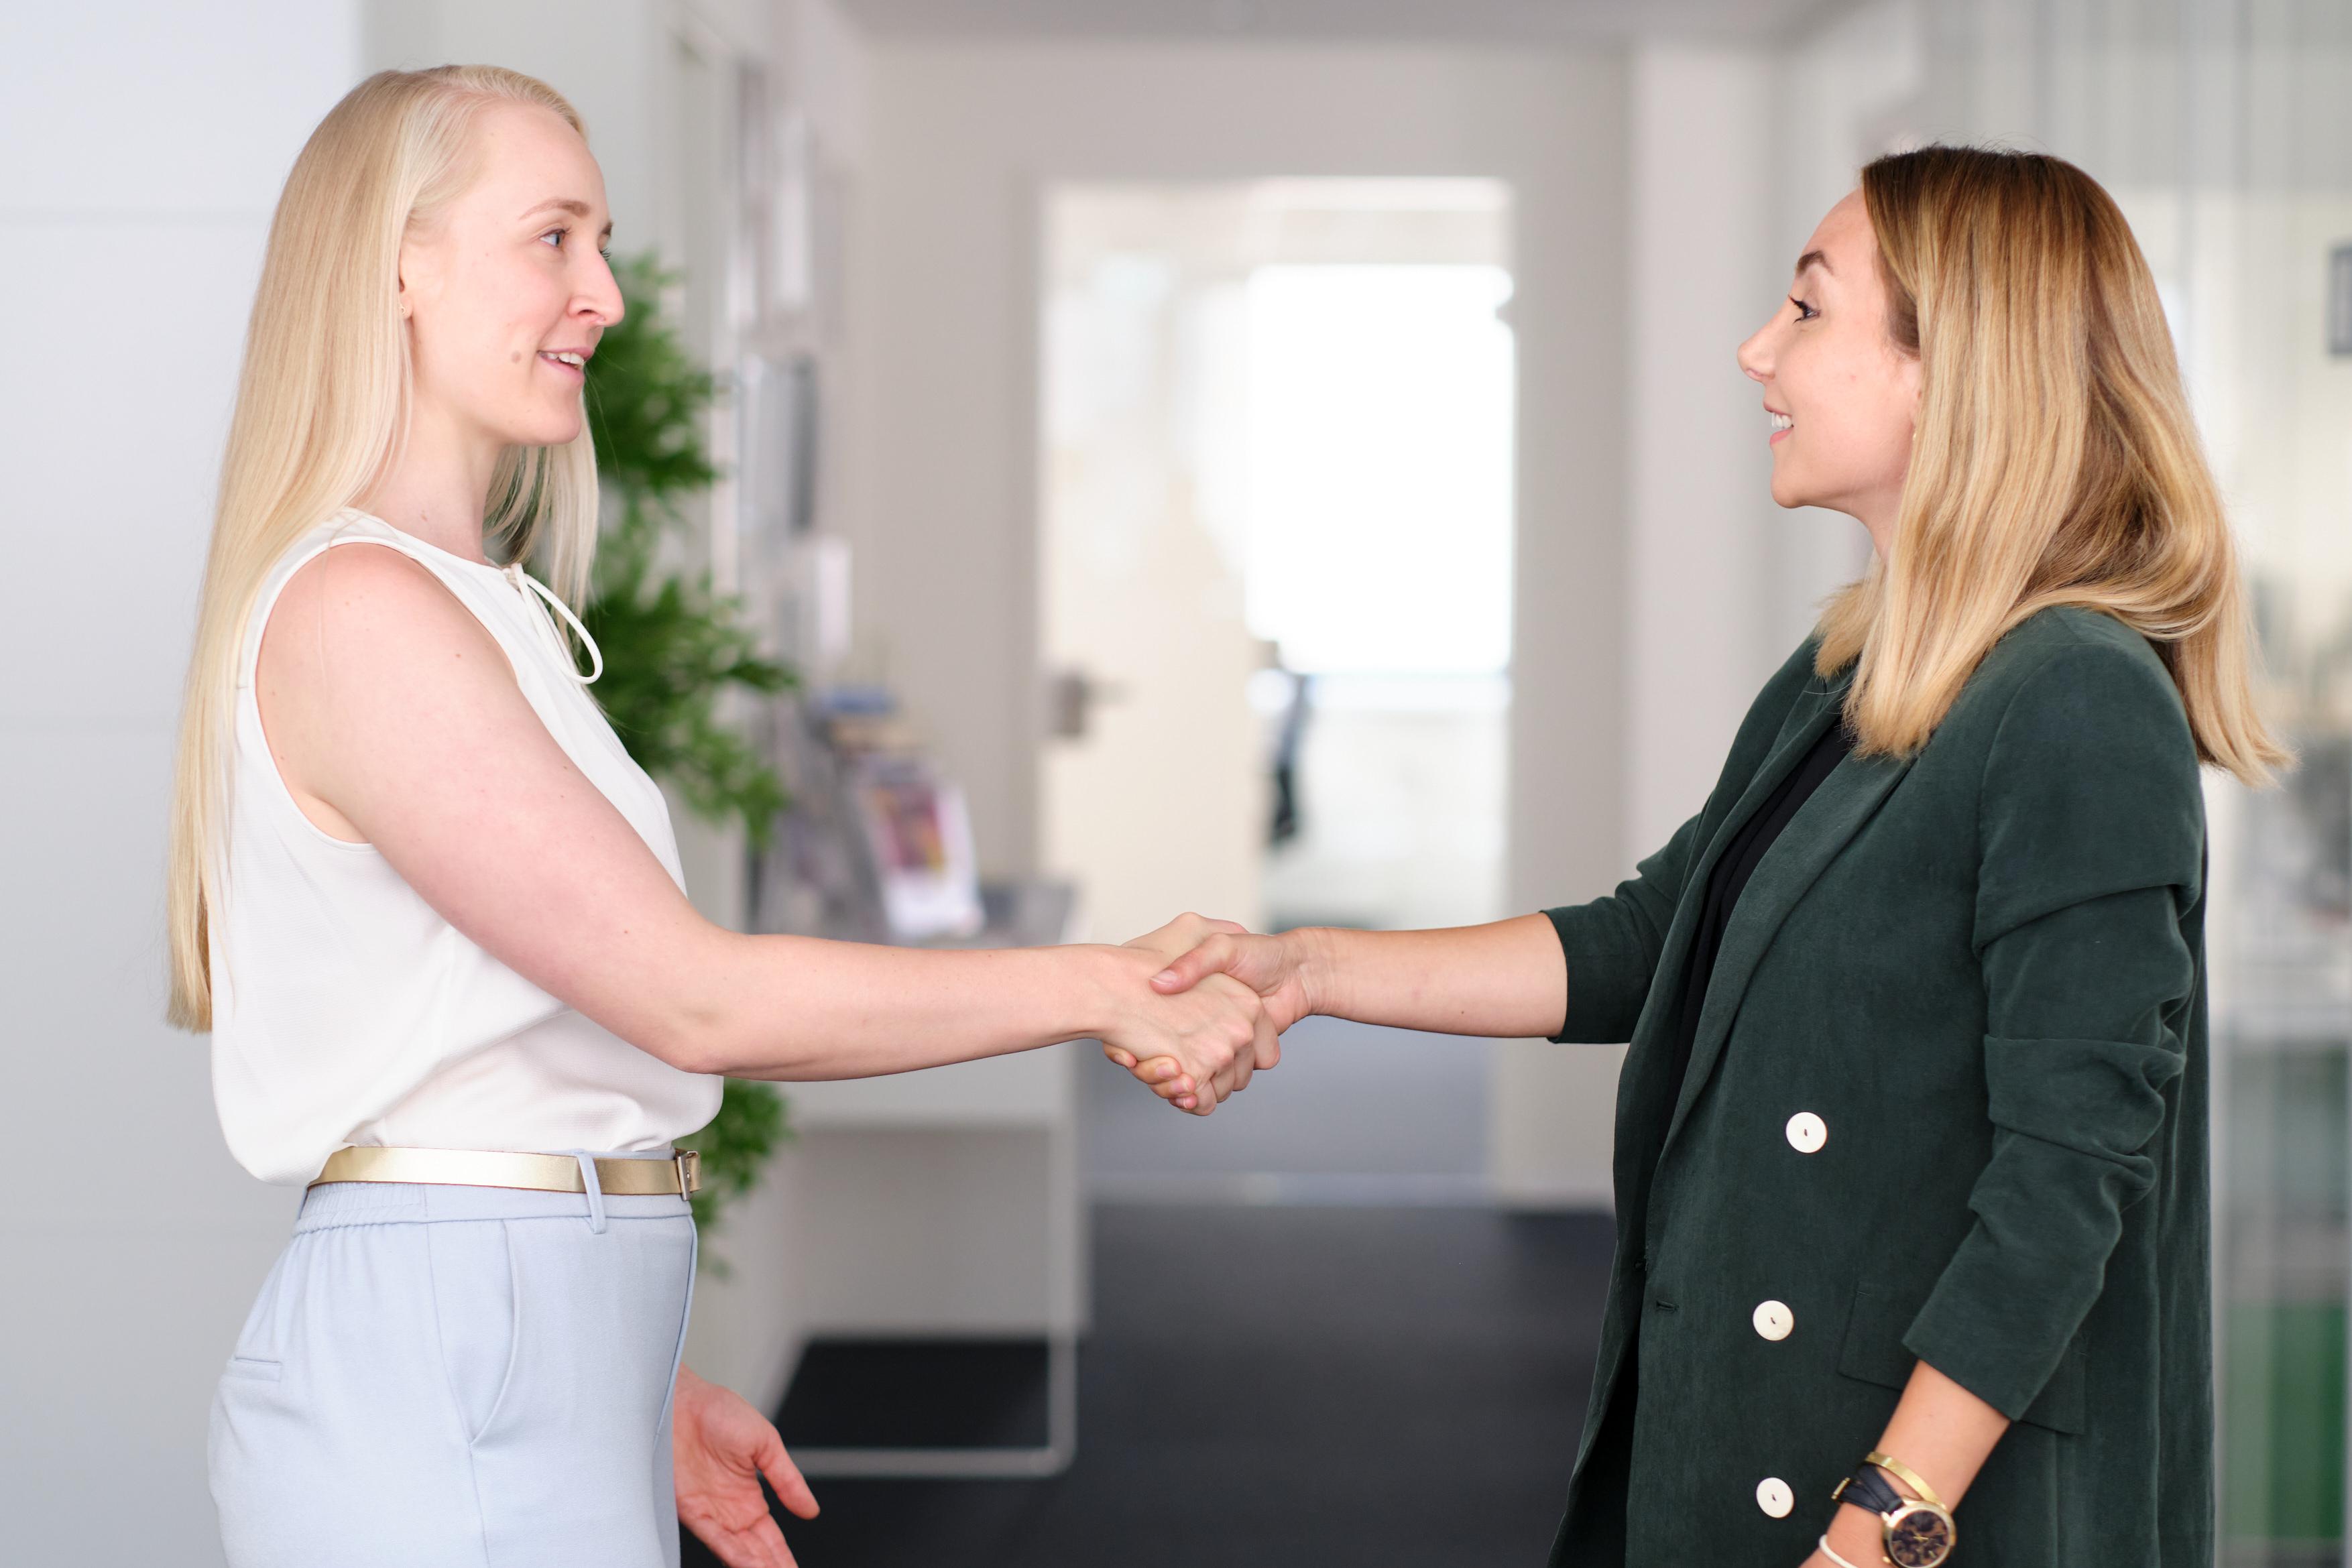 Zwei Frauen begrüßen sich